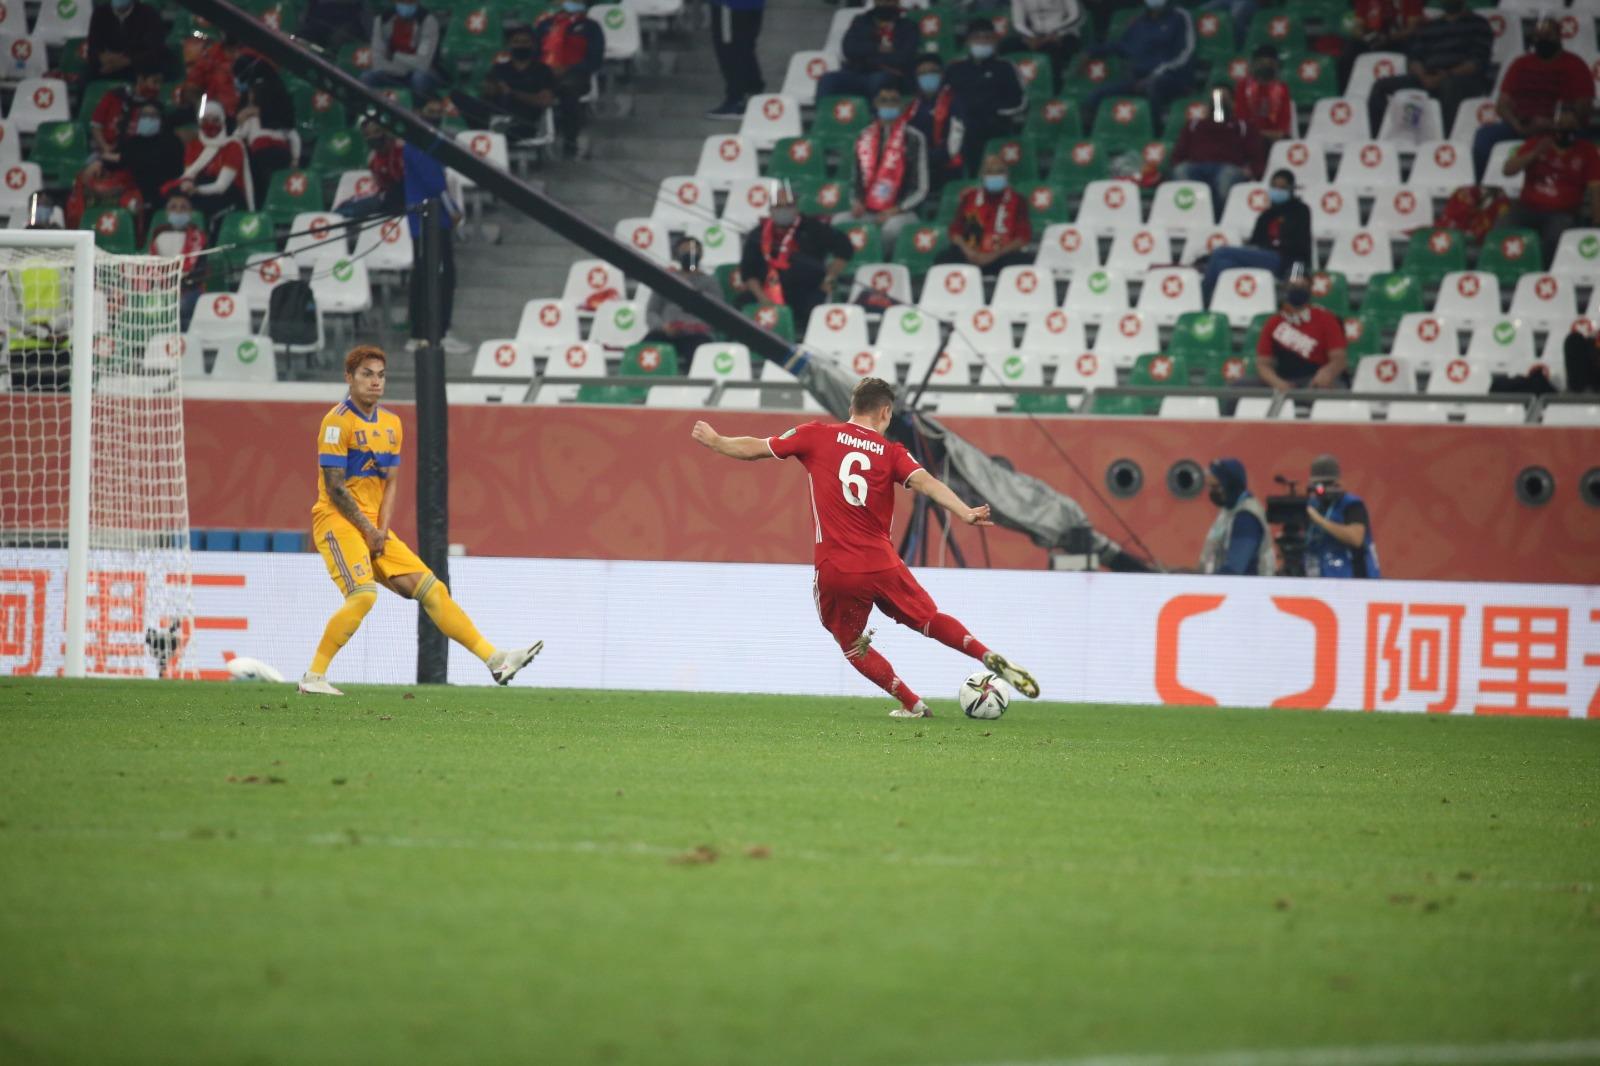 FinalMissi6n: Completed. Монополия на трофеи. Обзор финала клубного чемпионата мира «Бавария» – «Тигрес»